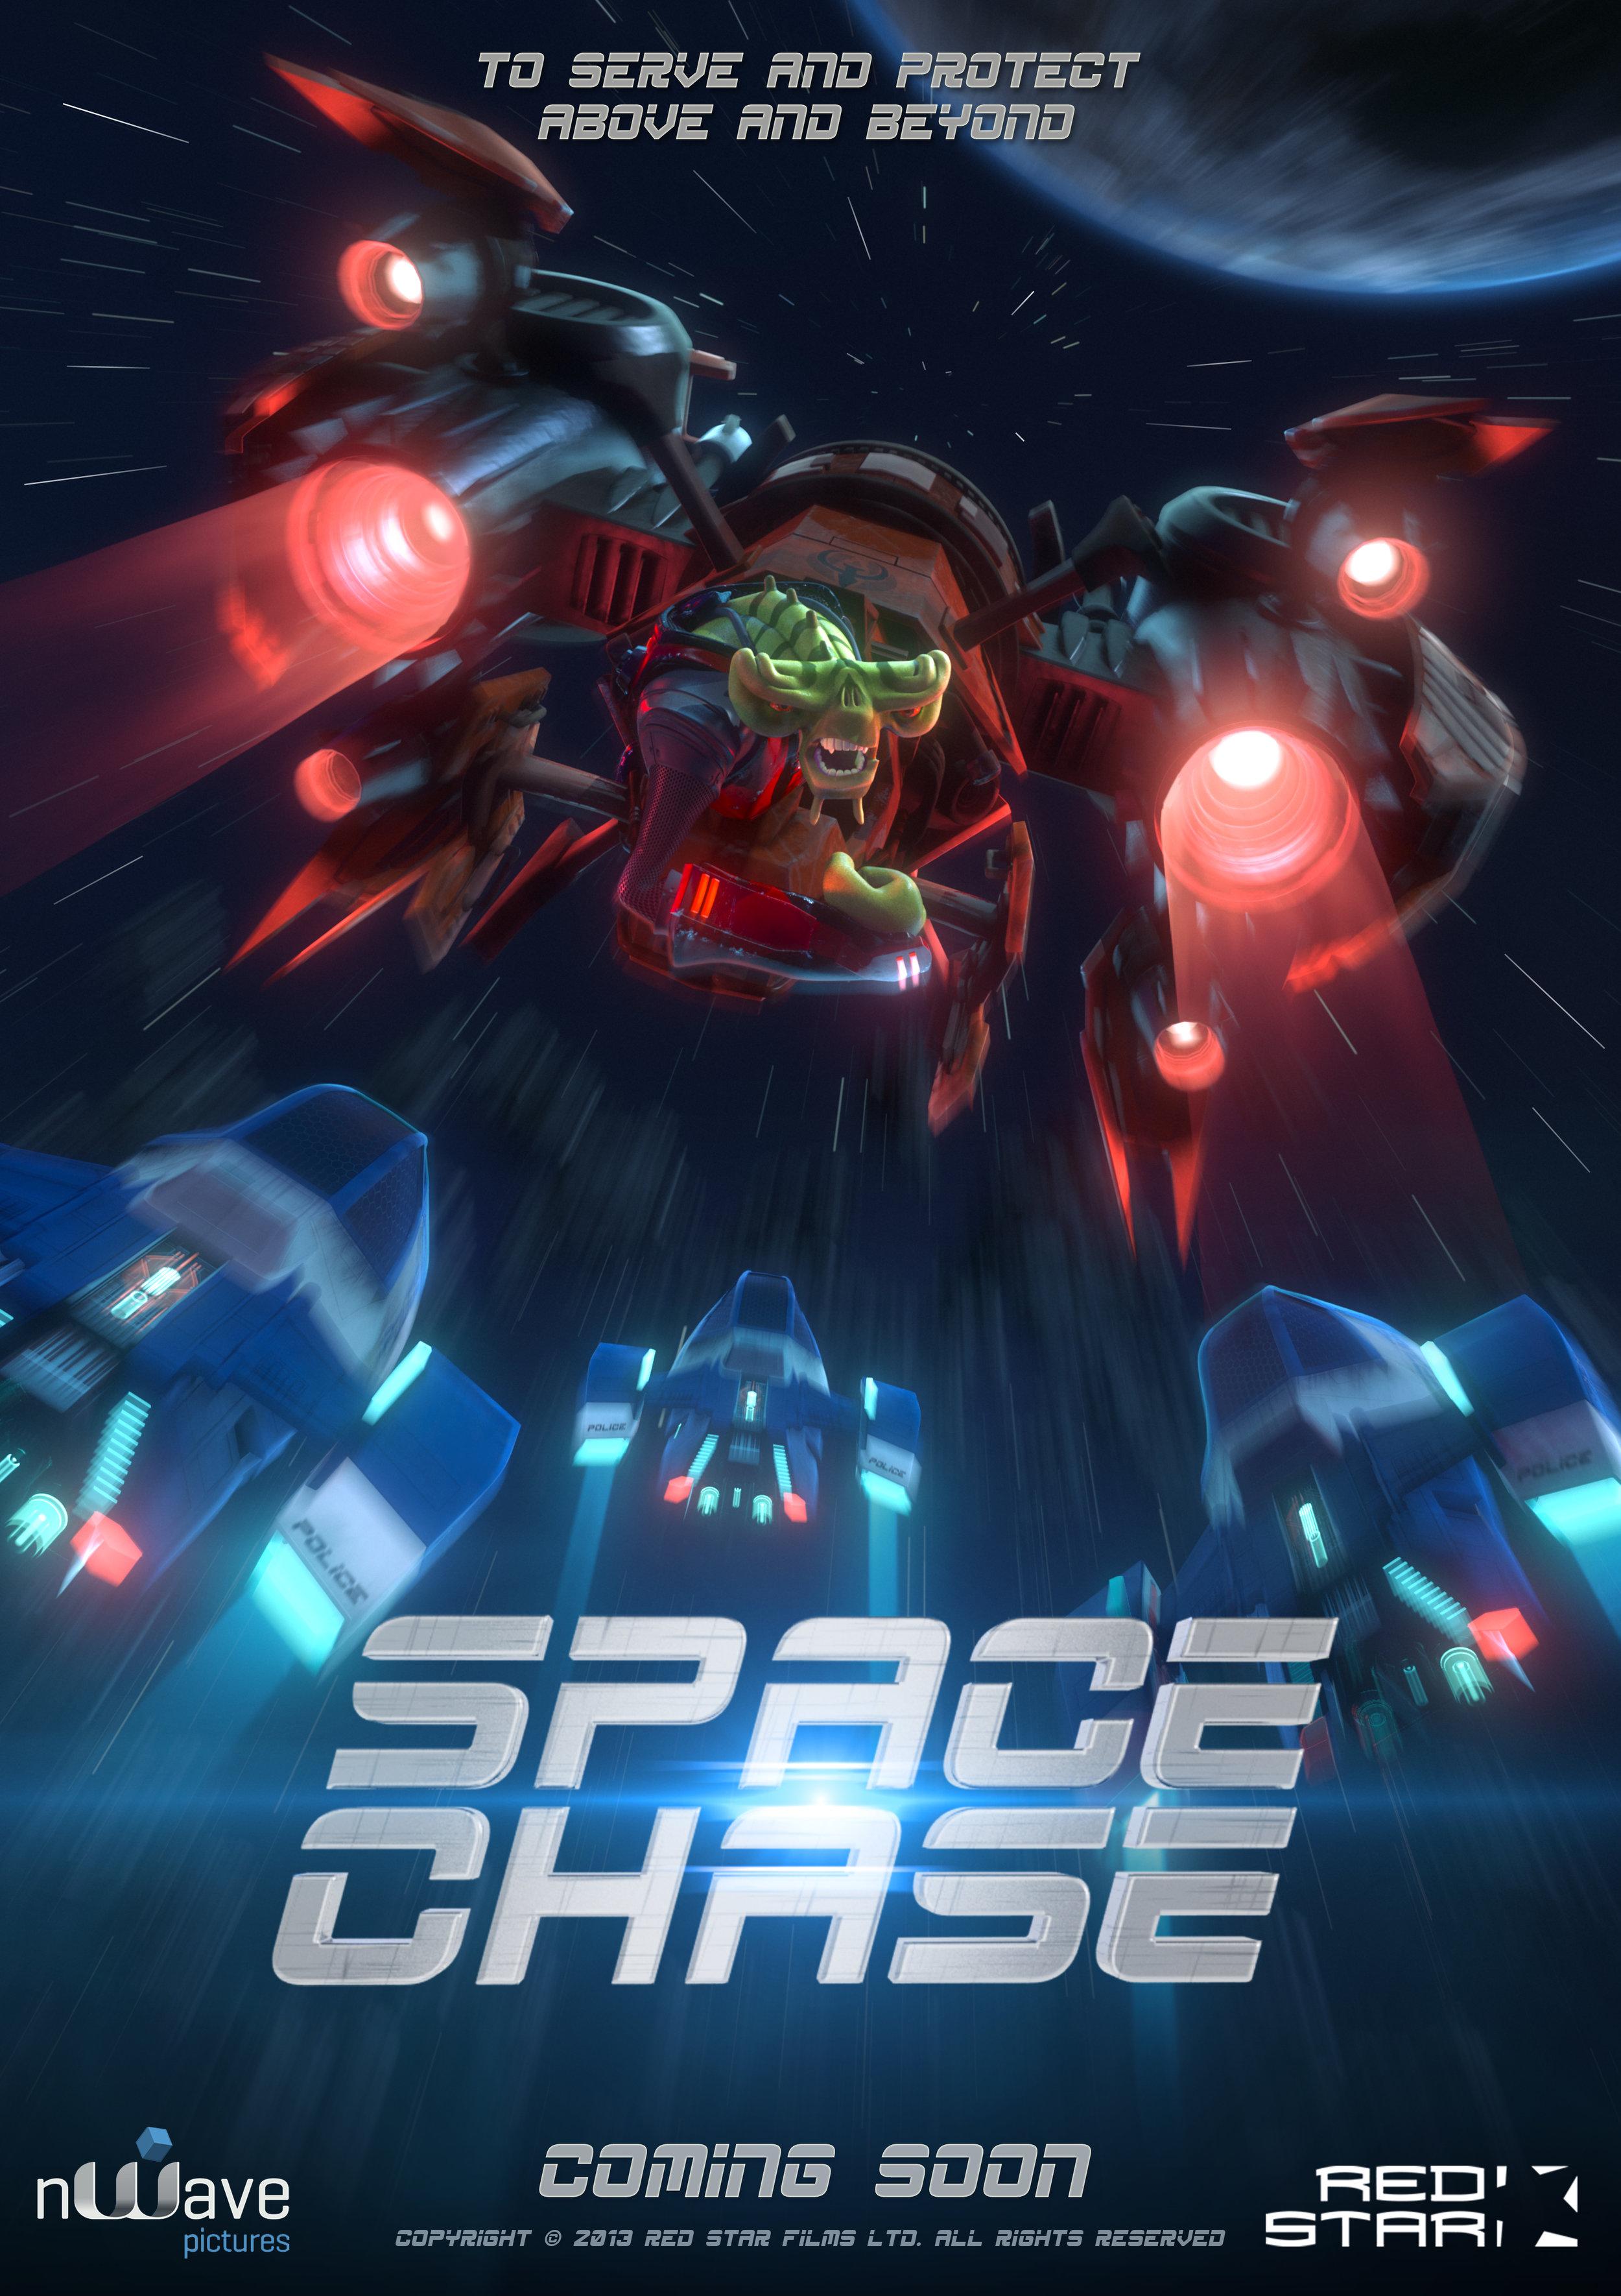 SpaceChaser.jpg